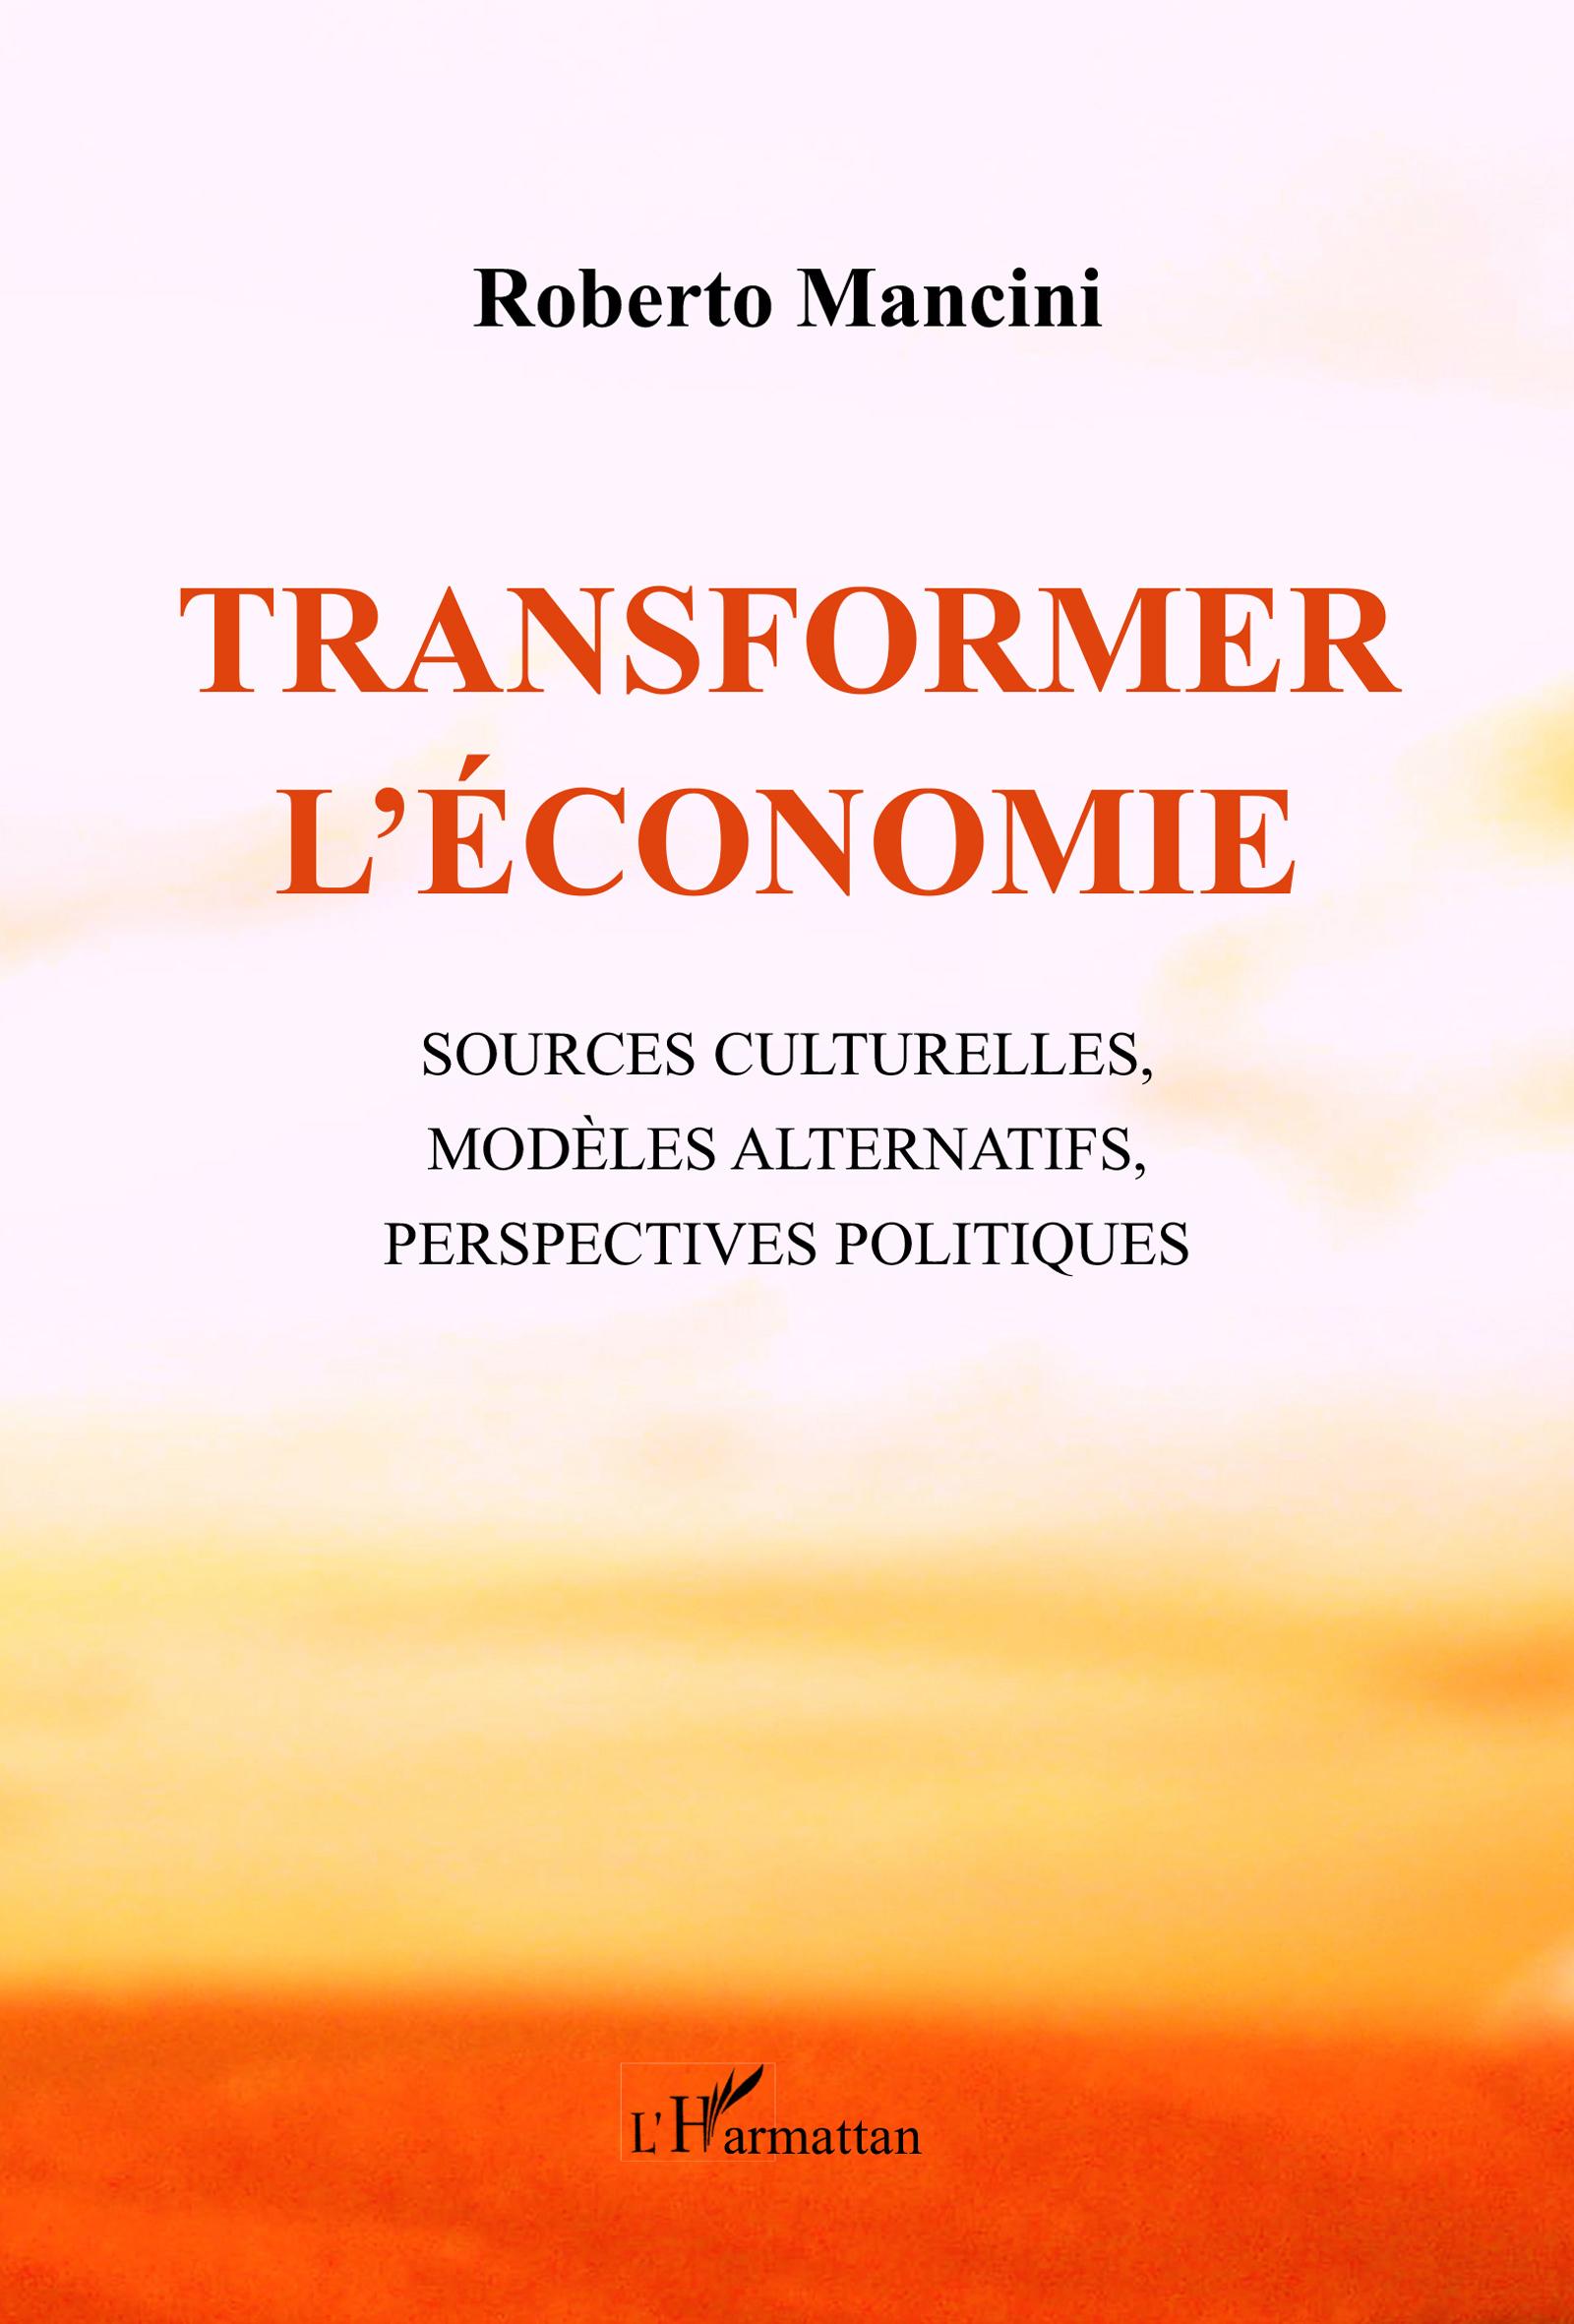 Transformer l'économie